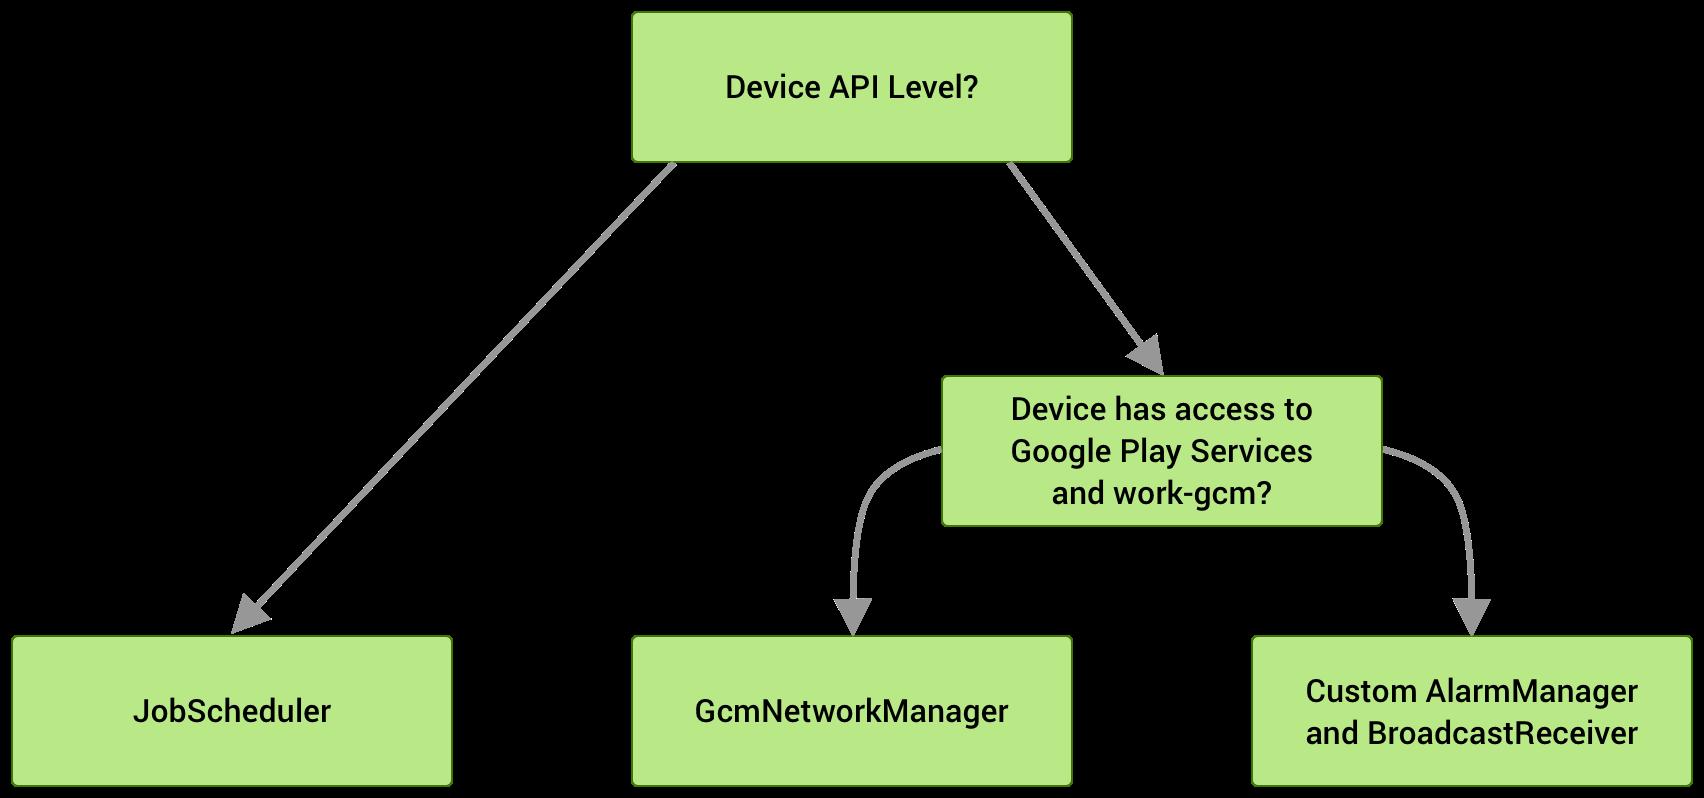 기기가 API 수준 23 이상에서 실행되면 JobScheduler가 사용됩니다. API 수준 14~22에서는 가능한 경우 GcmNetworkManager가 사용되고 그 외에는 맞춤 AlarmManager 및 BroadcastReciever 구현이 대체로 사용됩니다.